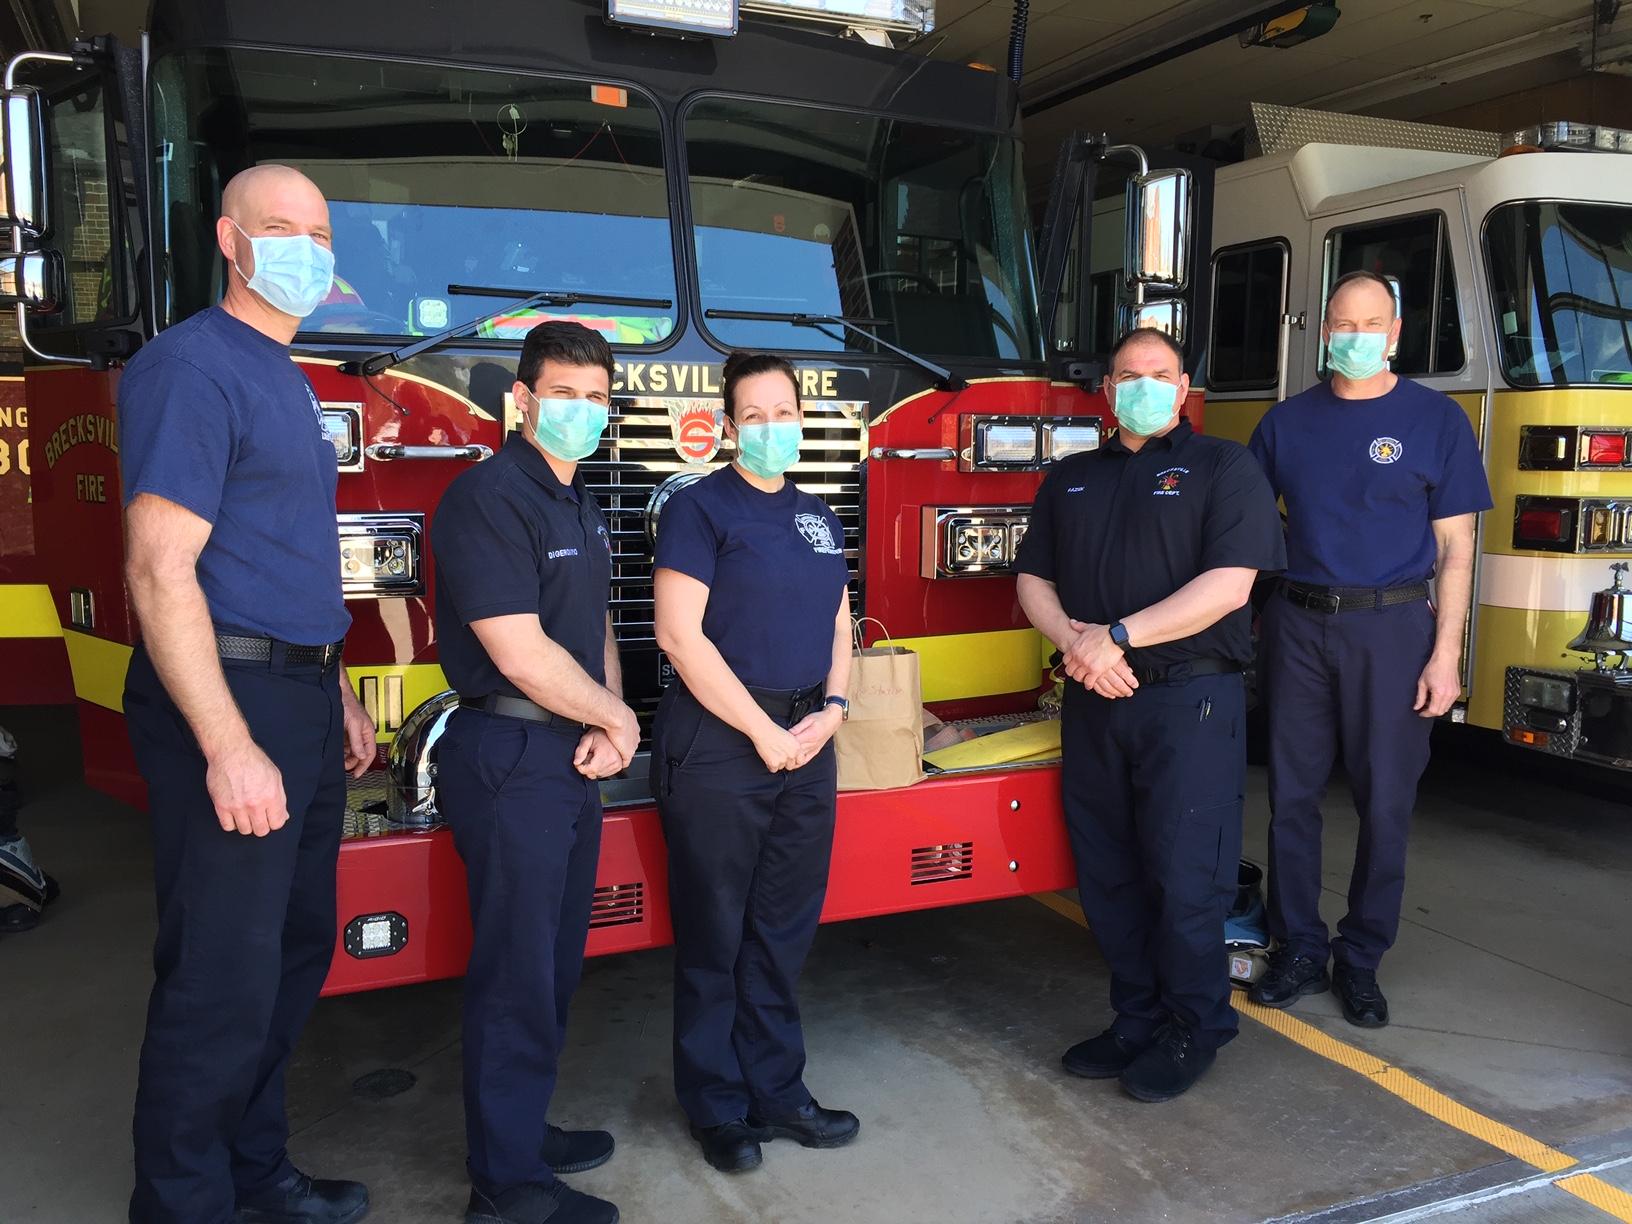 Brecksville Fire Department